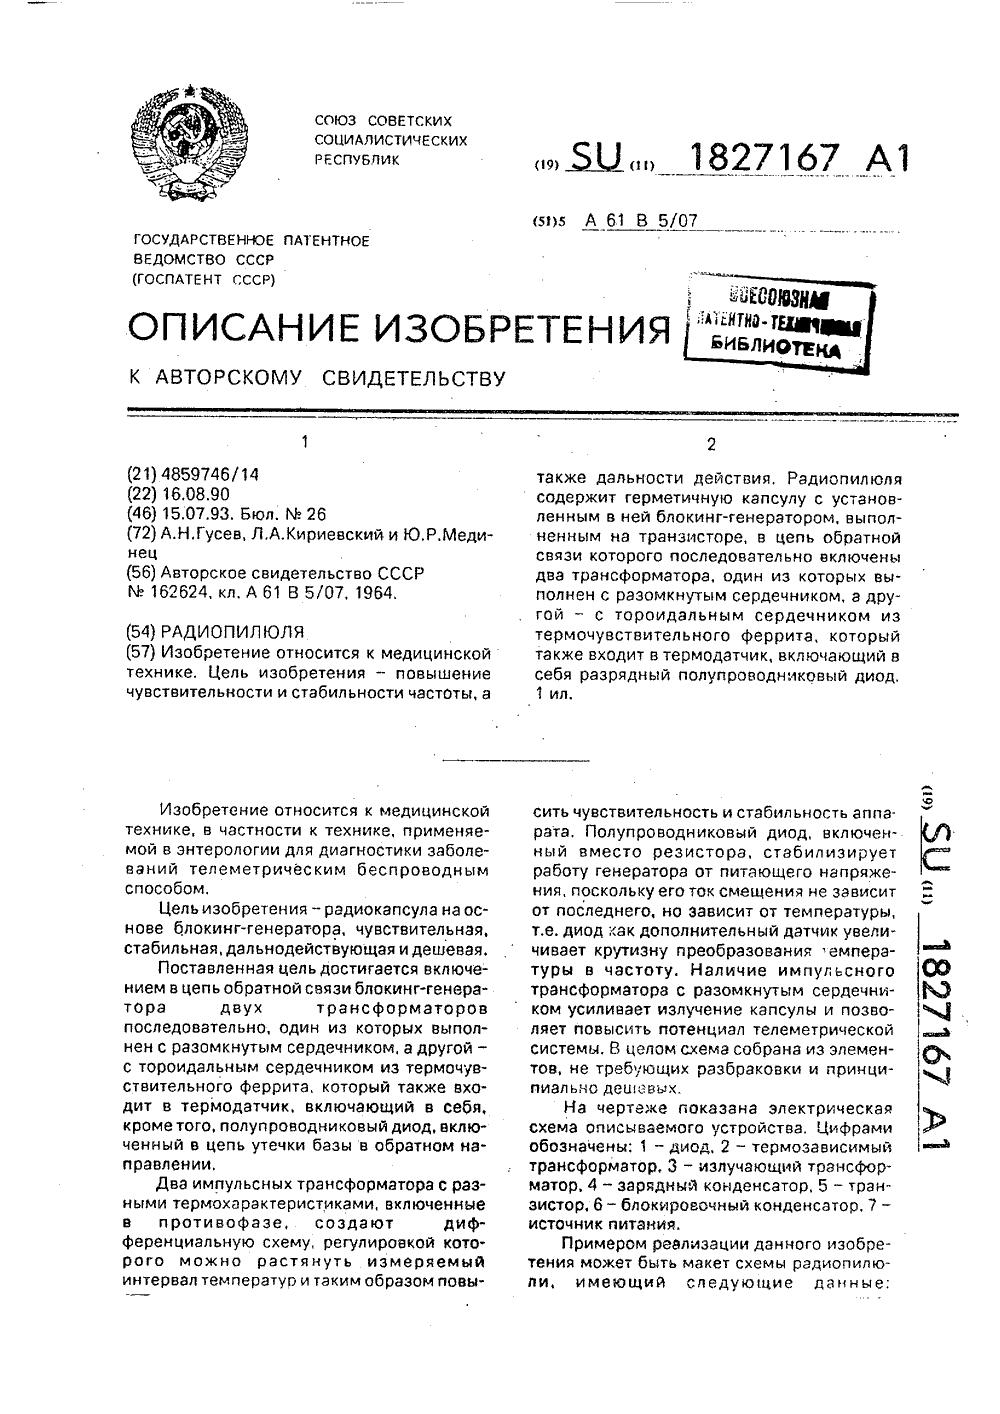 Радиопилюля